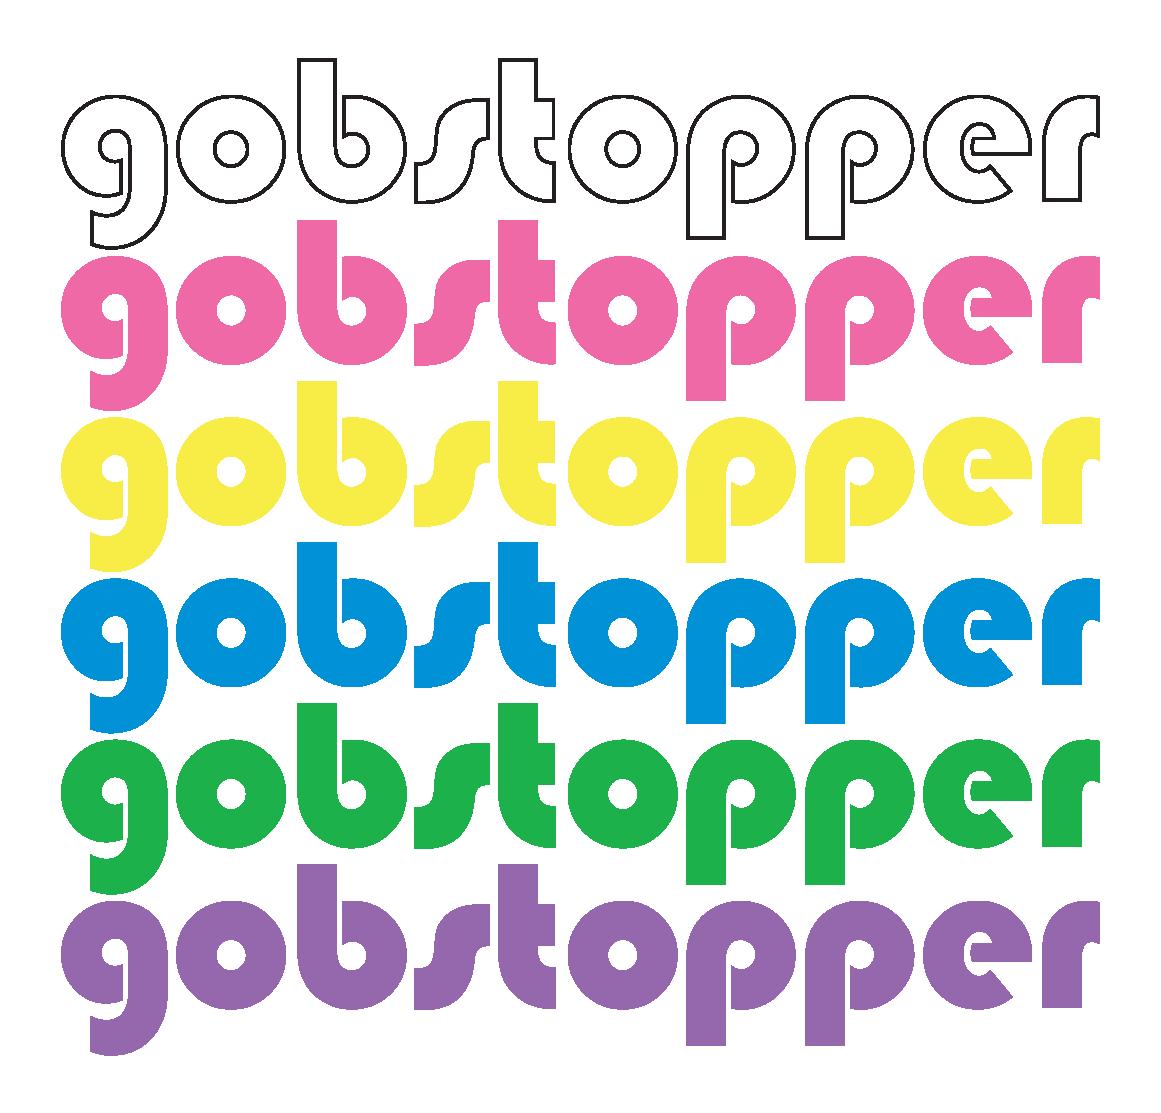 gobstopper30